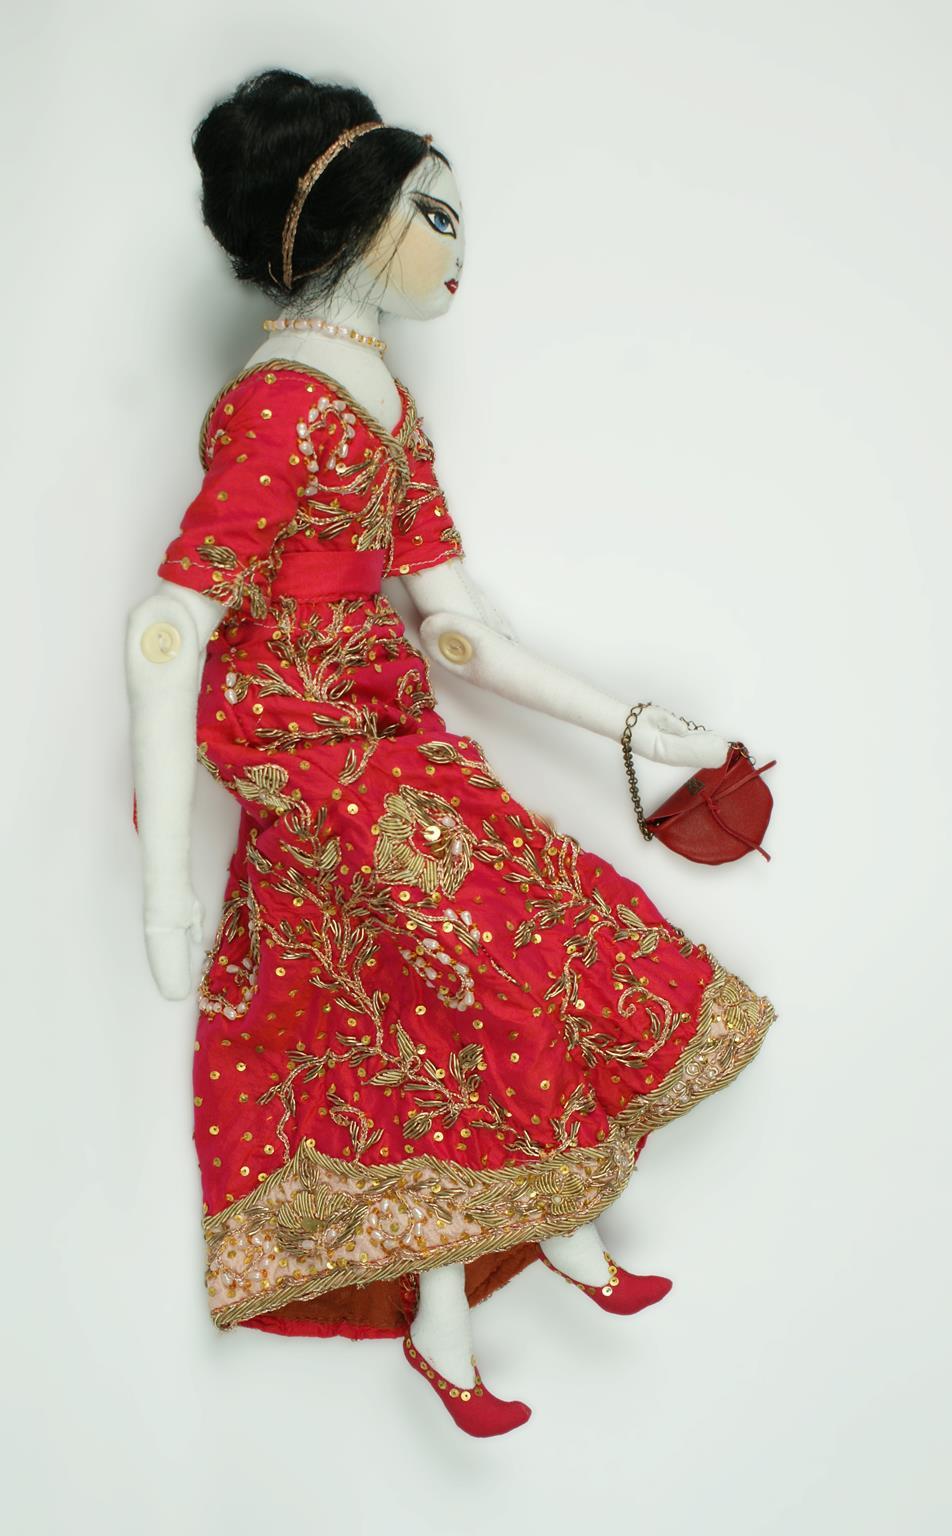 Cloth art doll by Mmsdoll